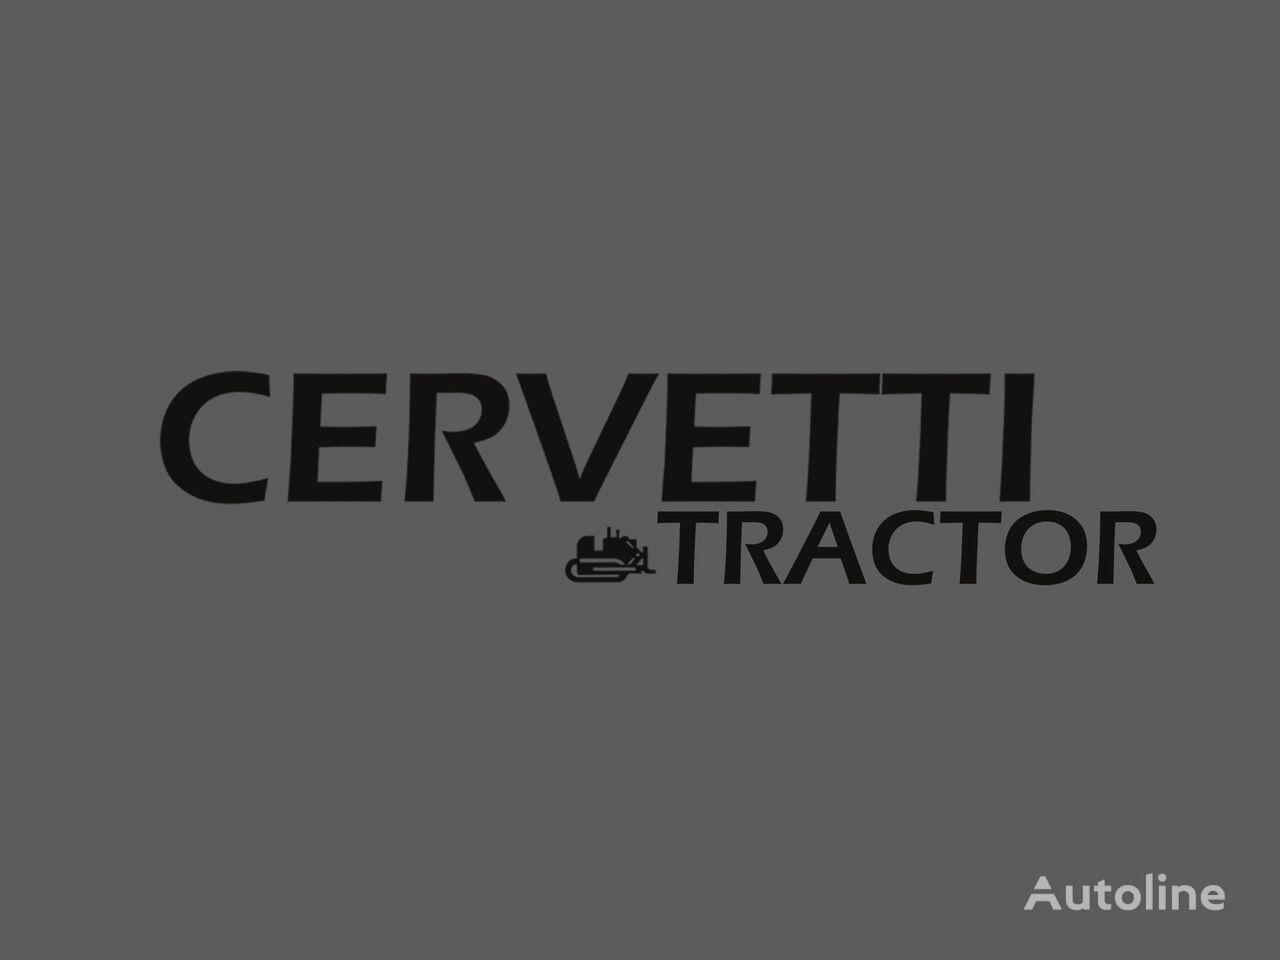 nieuw TAILGATE KIT afdekking voor varie 730 AGF797-UP bestelwagen